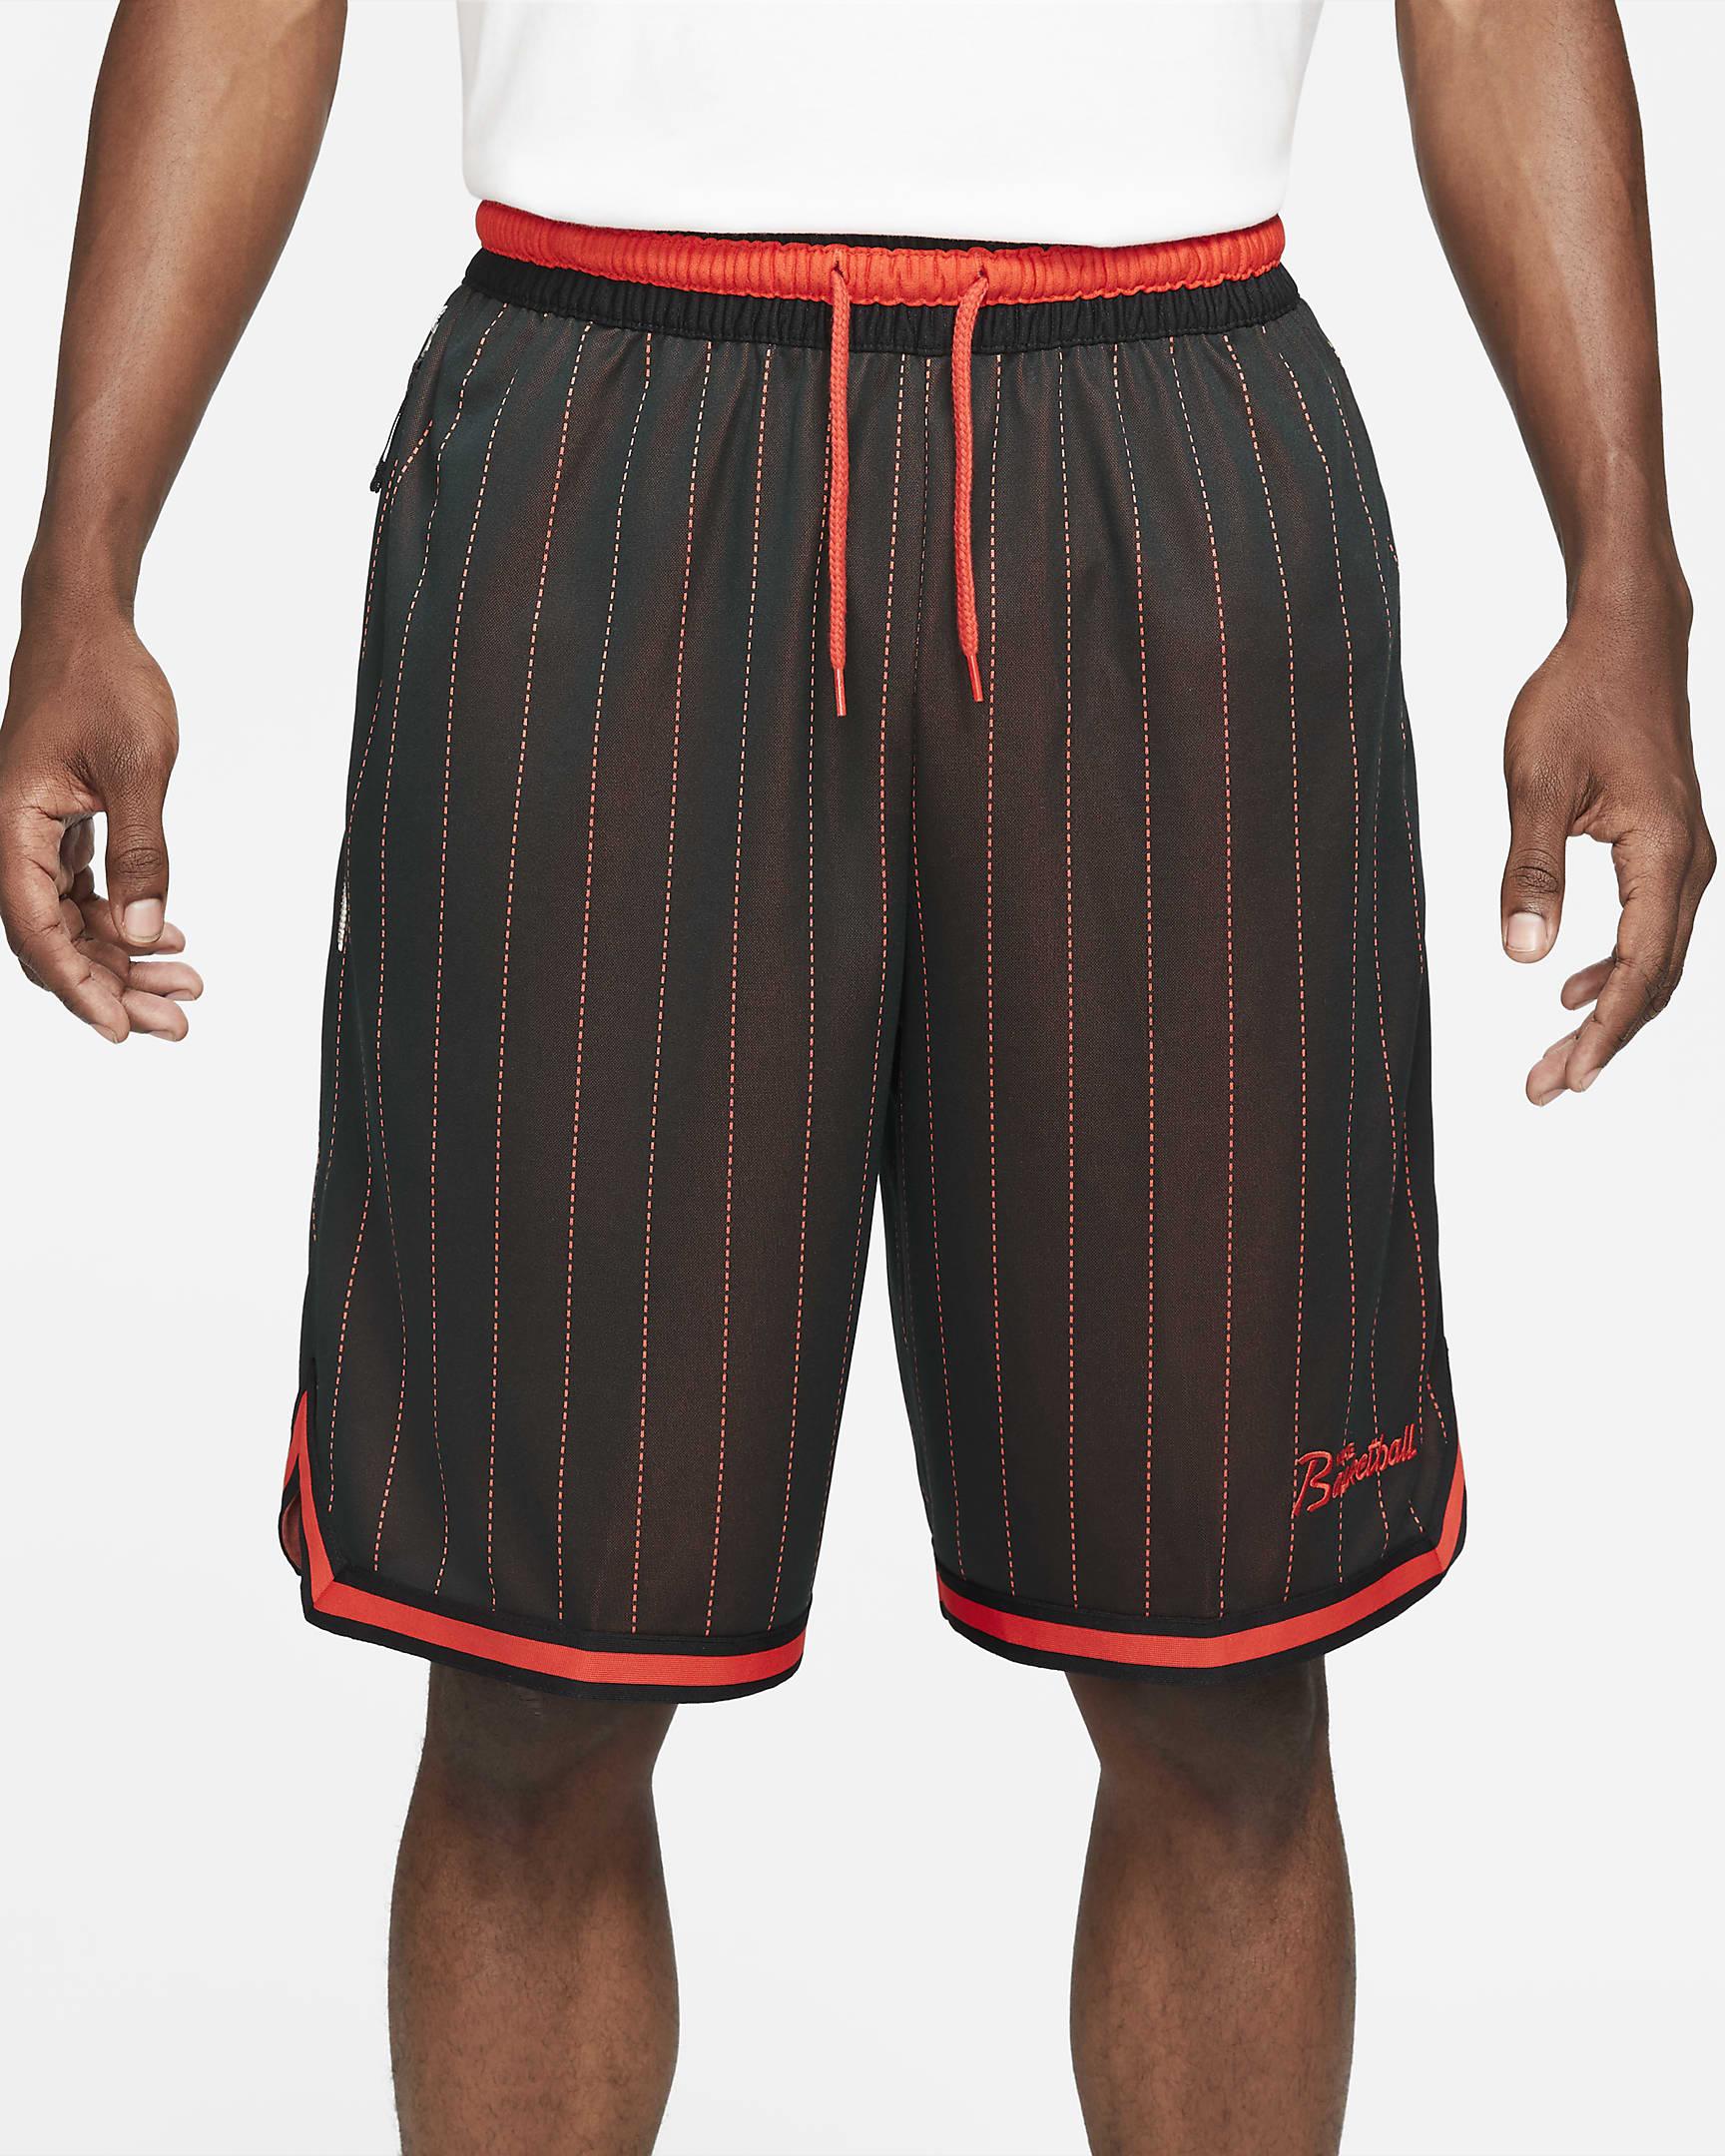 nike-dri-fit-dna-mens-basketball-shorts-RklKFZ.png